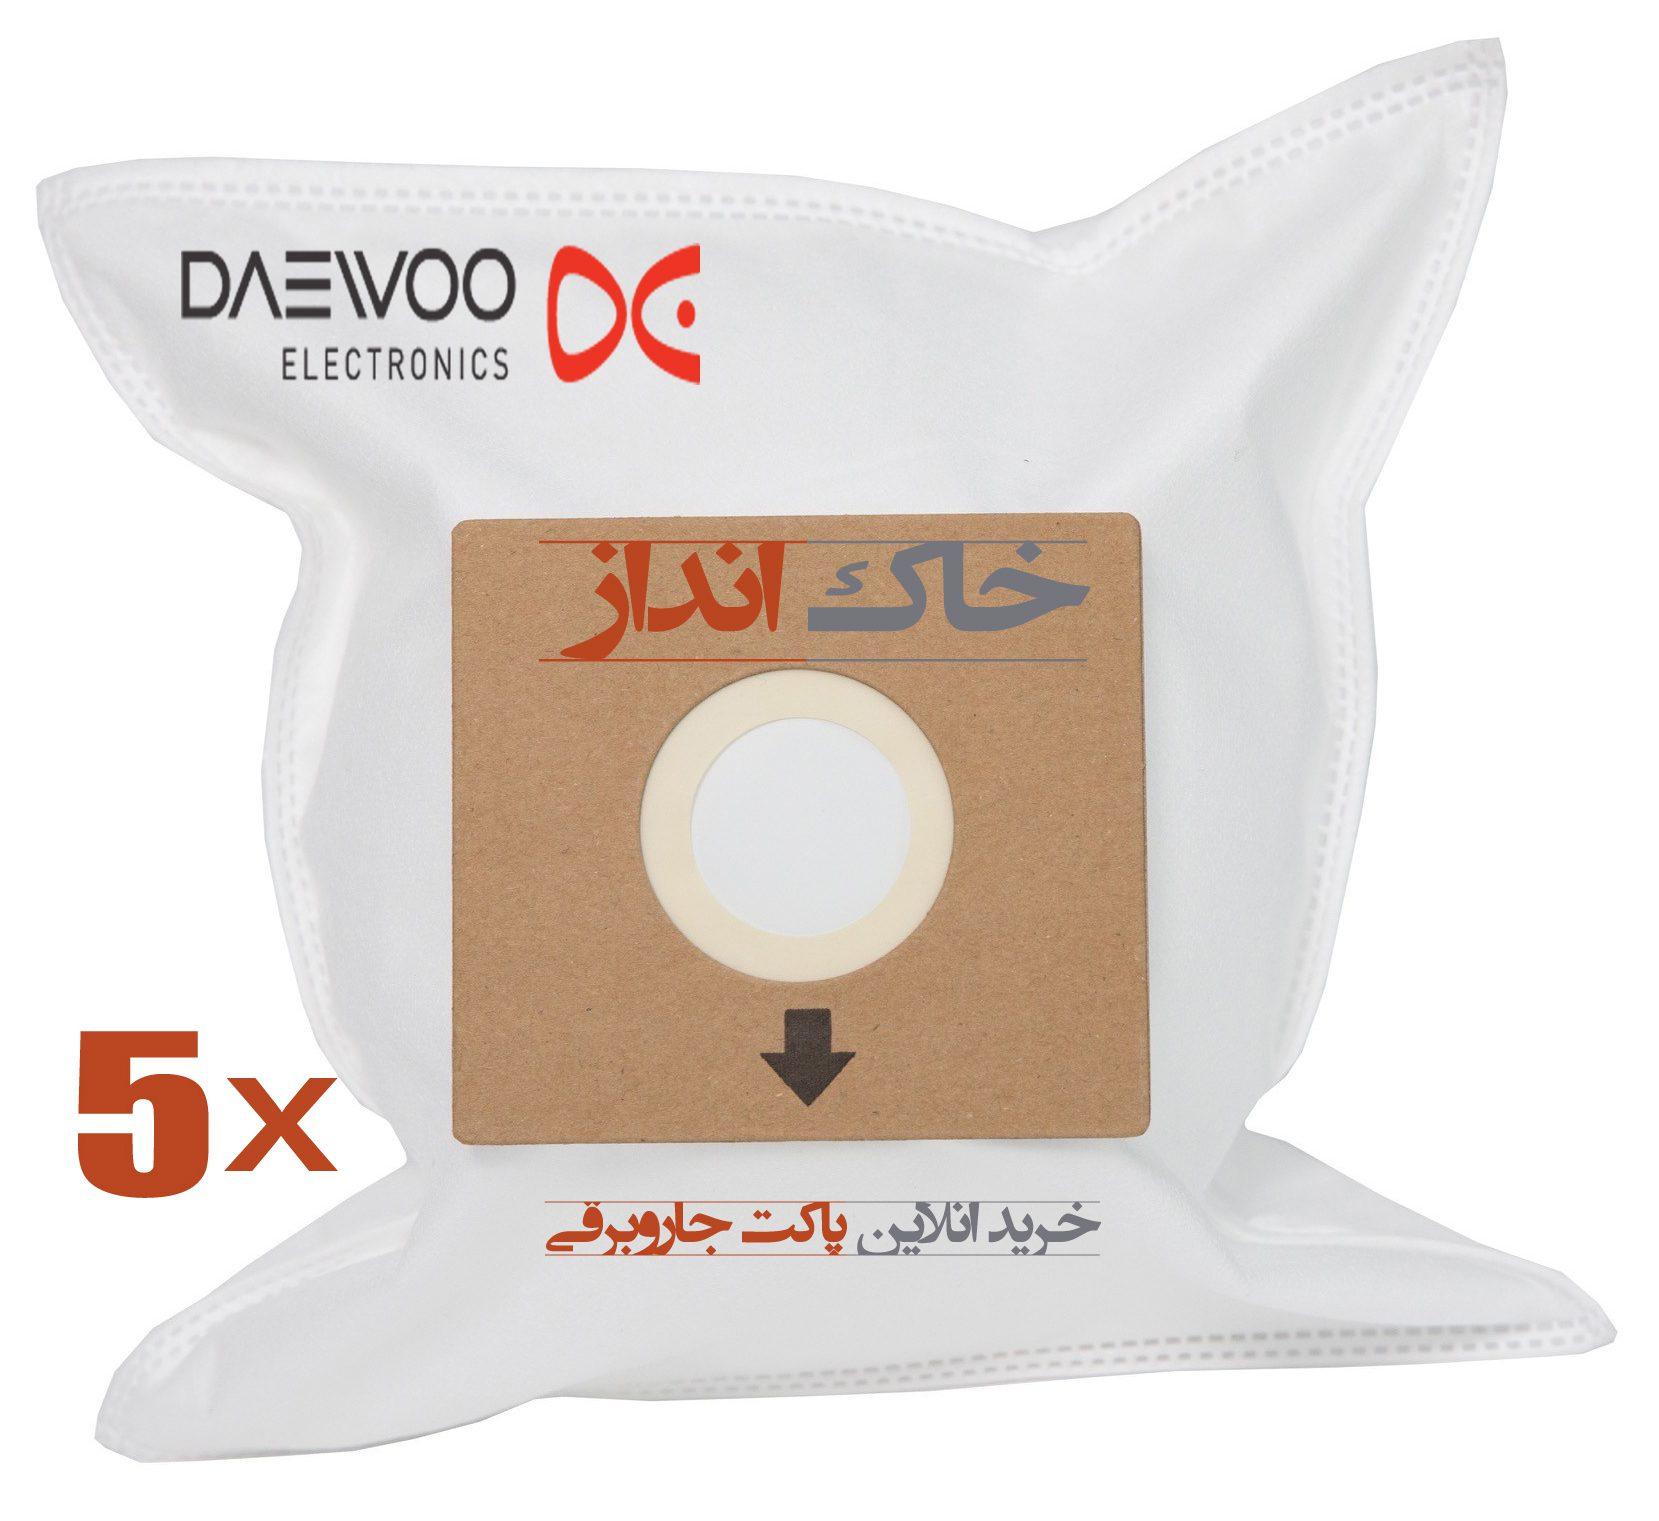 پاکت جاروبرقی دوو – daewoo – ارسال رایگان